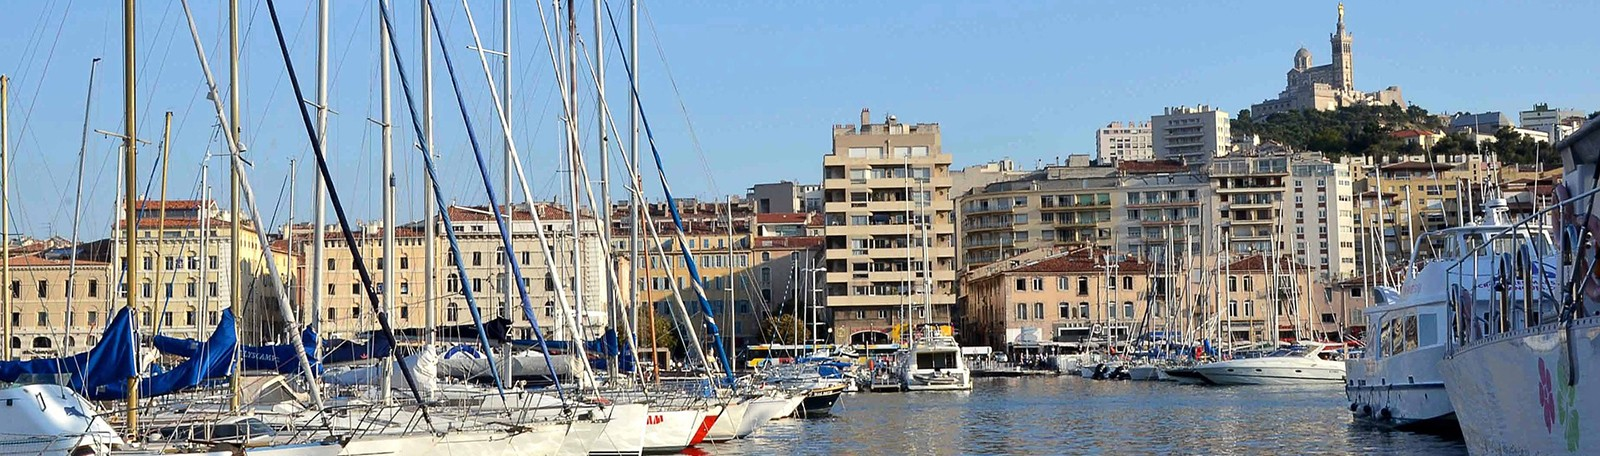 Car park Corderie - Park in Marseille | Q-Park